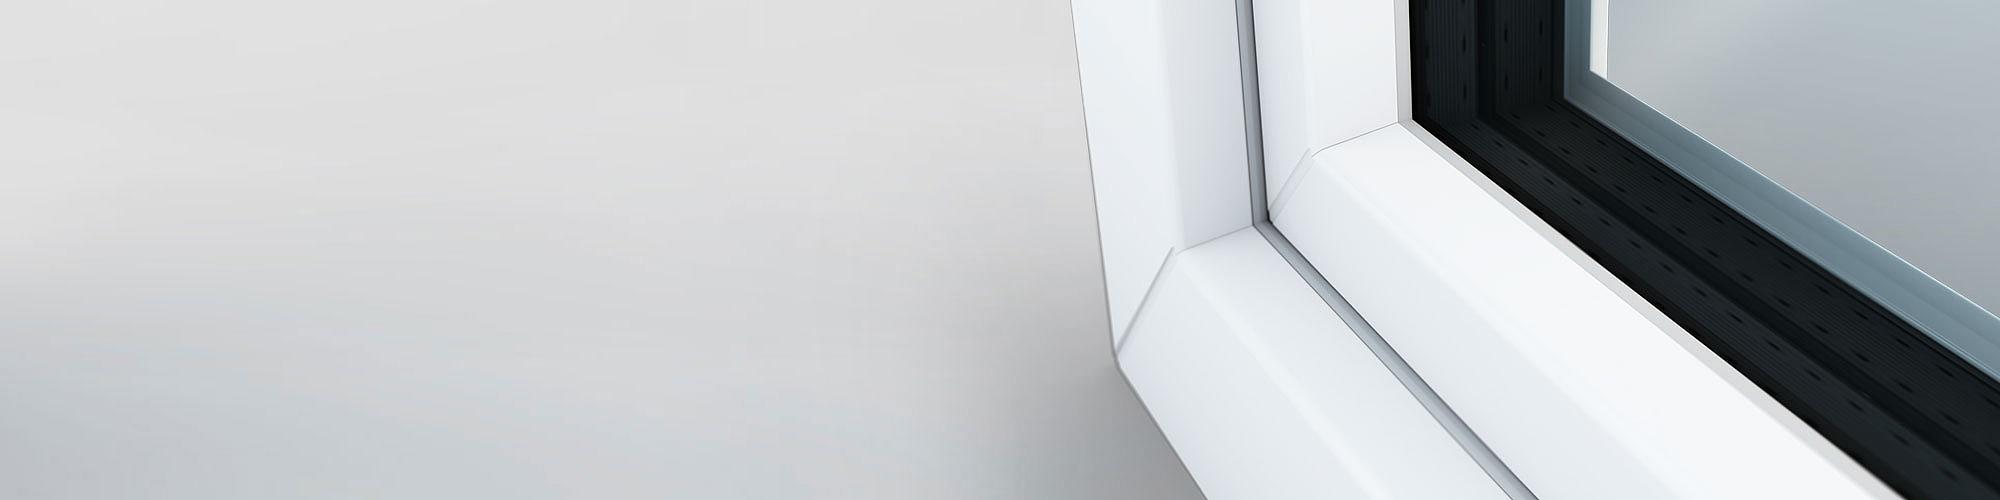 feba kunststoff fenster und schiebet ren jetzt entdecken. Black Bedroom Furniture Sets. Home Design Ideas